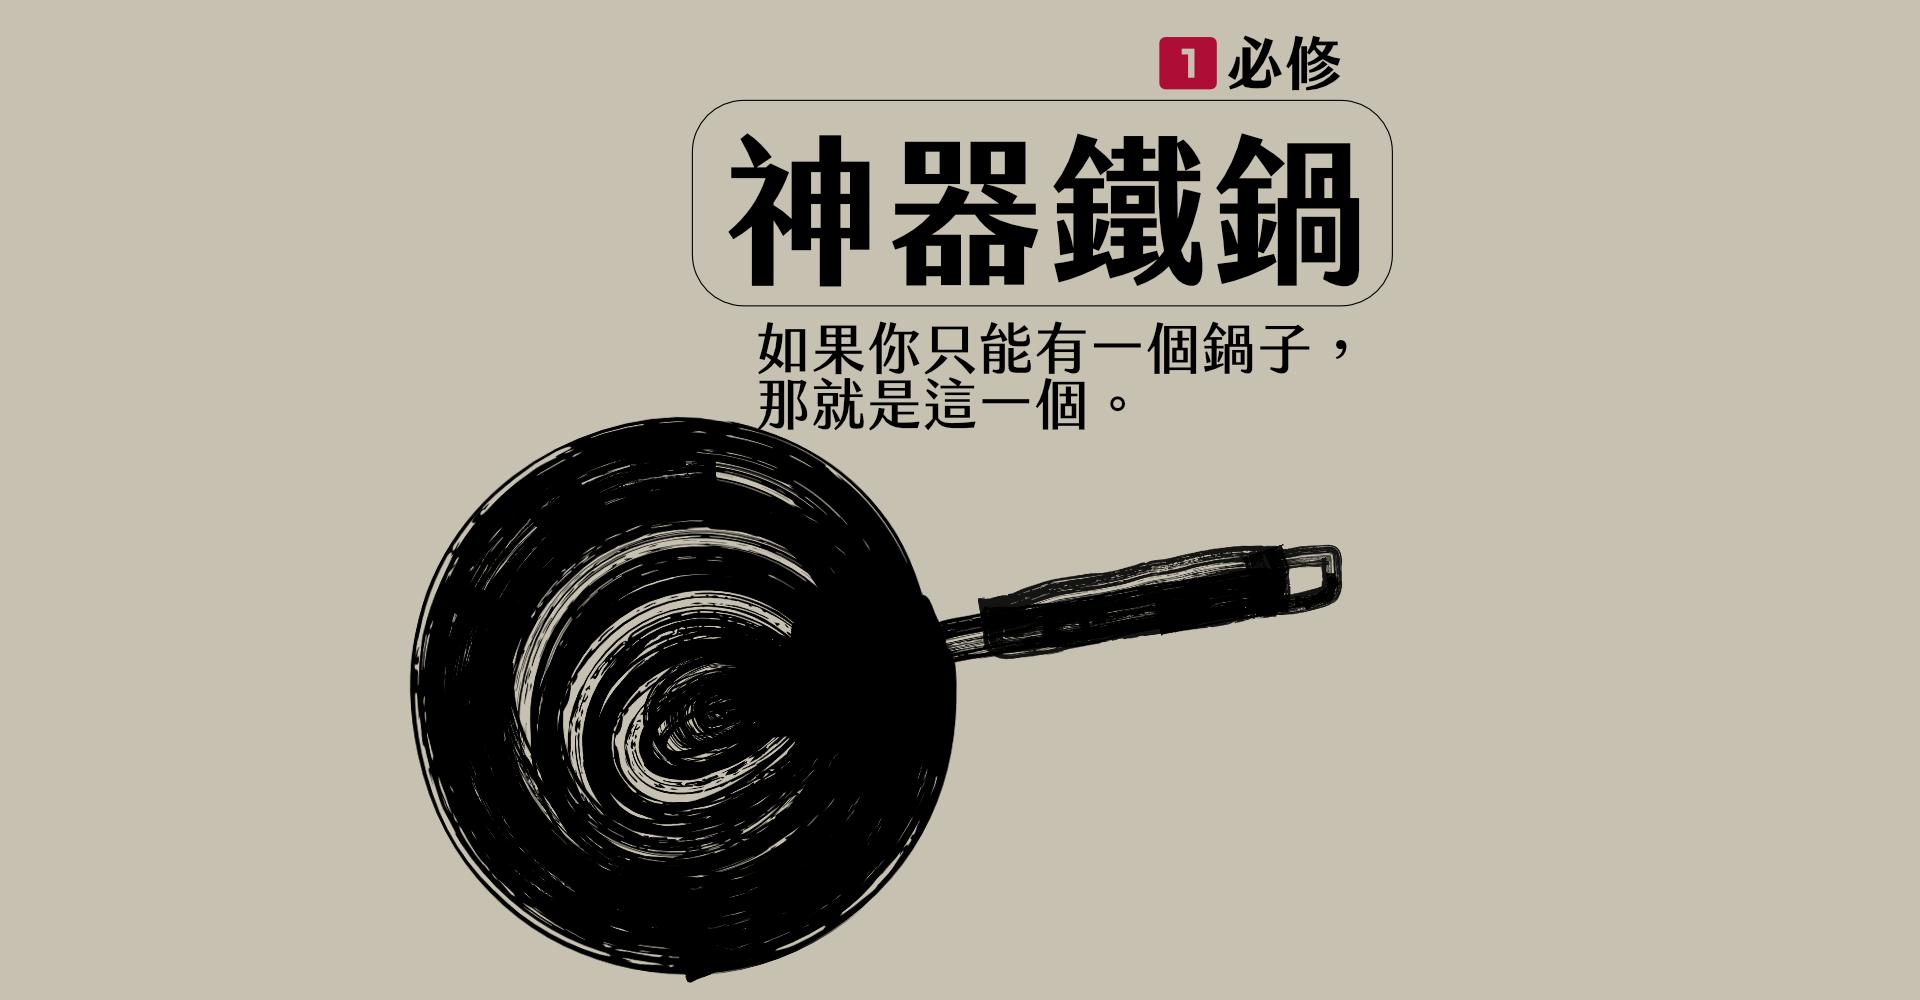 2-1-1神器鐵鍋.png